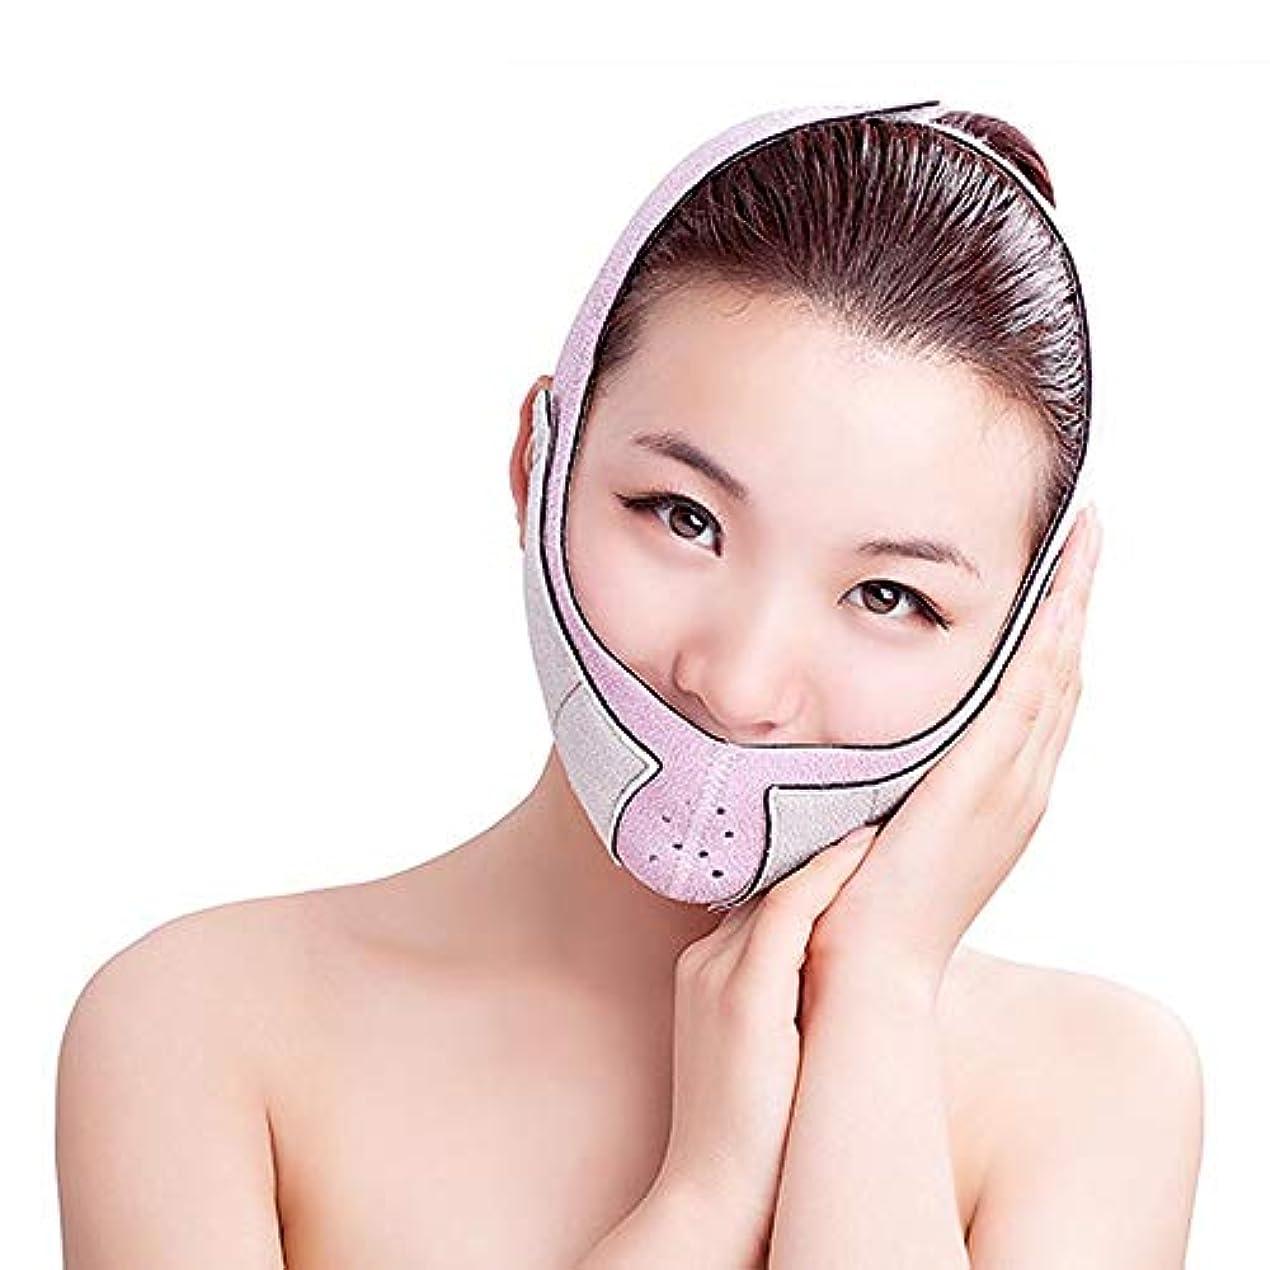 薄い顔のベルト - 薄い顔のベルト通気性の補正3D薄い顔のV顔のベルトの包帯薄い顔のアーティファクト (色 : B)